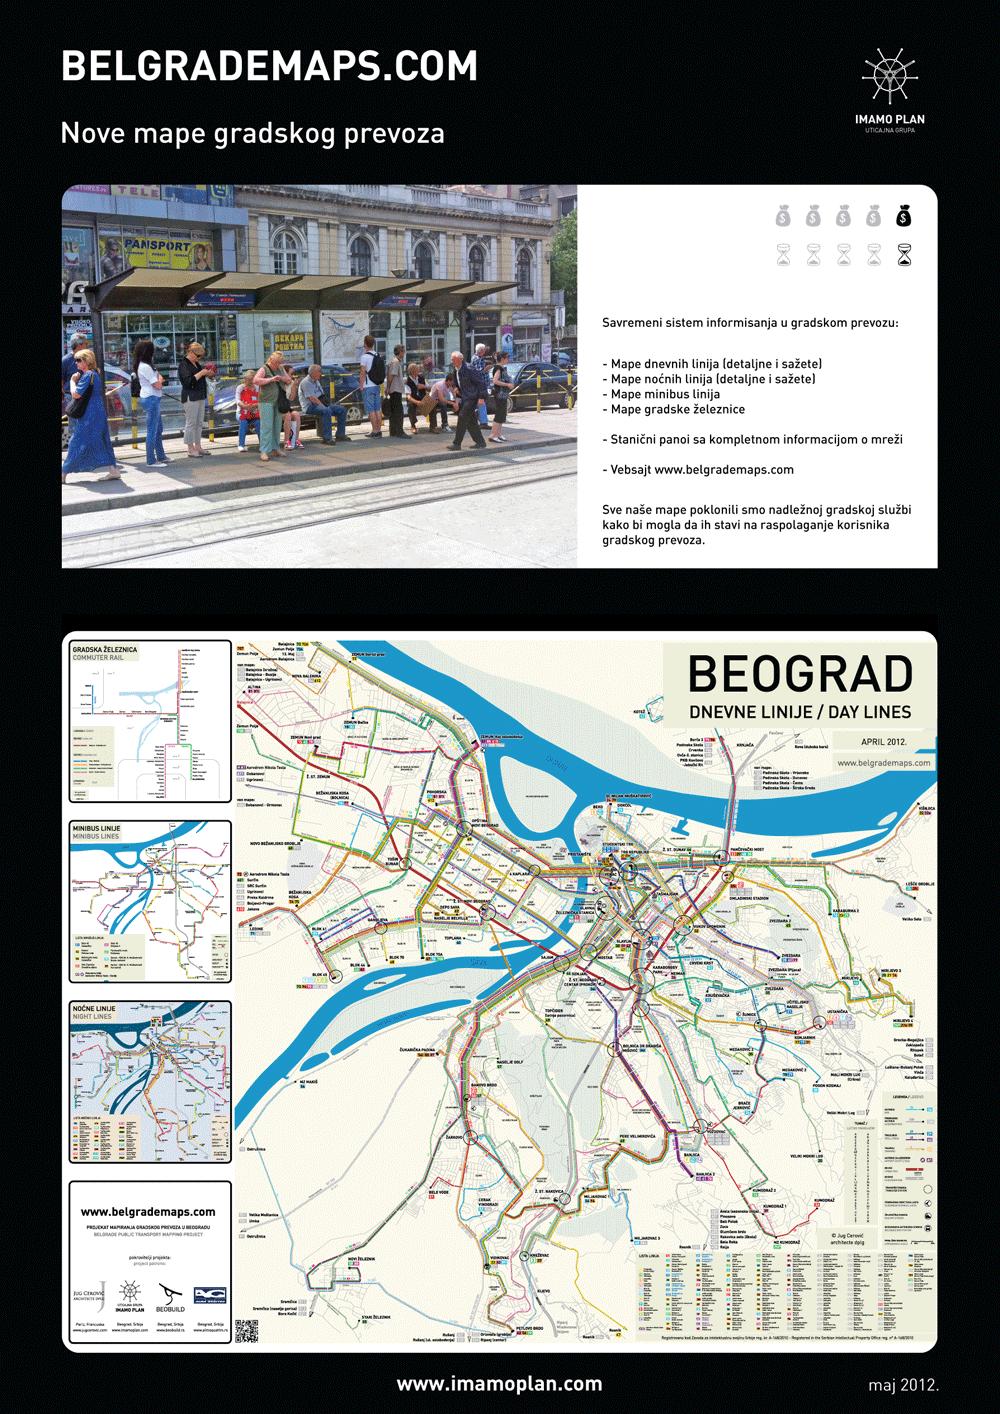 mapa beograda sa gradskim prevozom BelgradeMaps : Imamo Plan mapa beograda sa gradskim prevozom